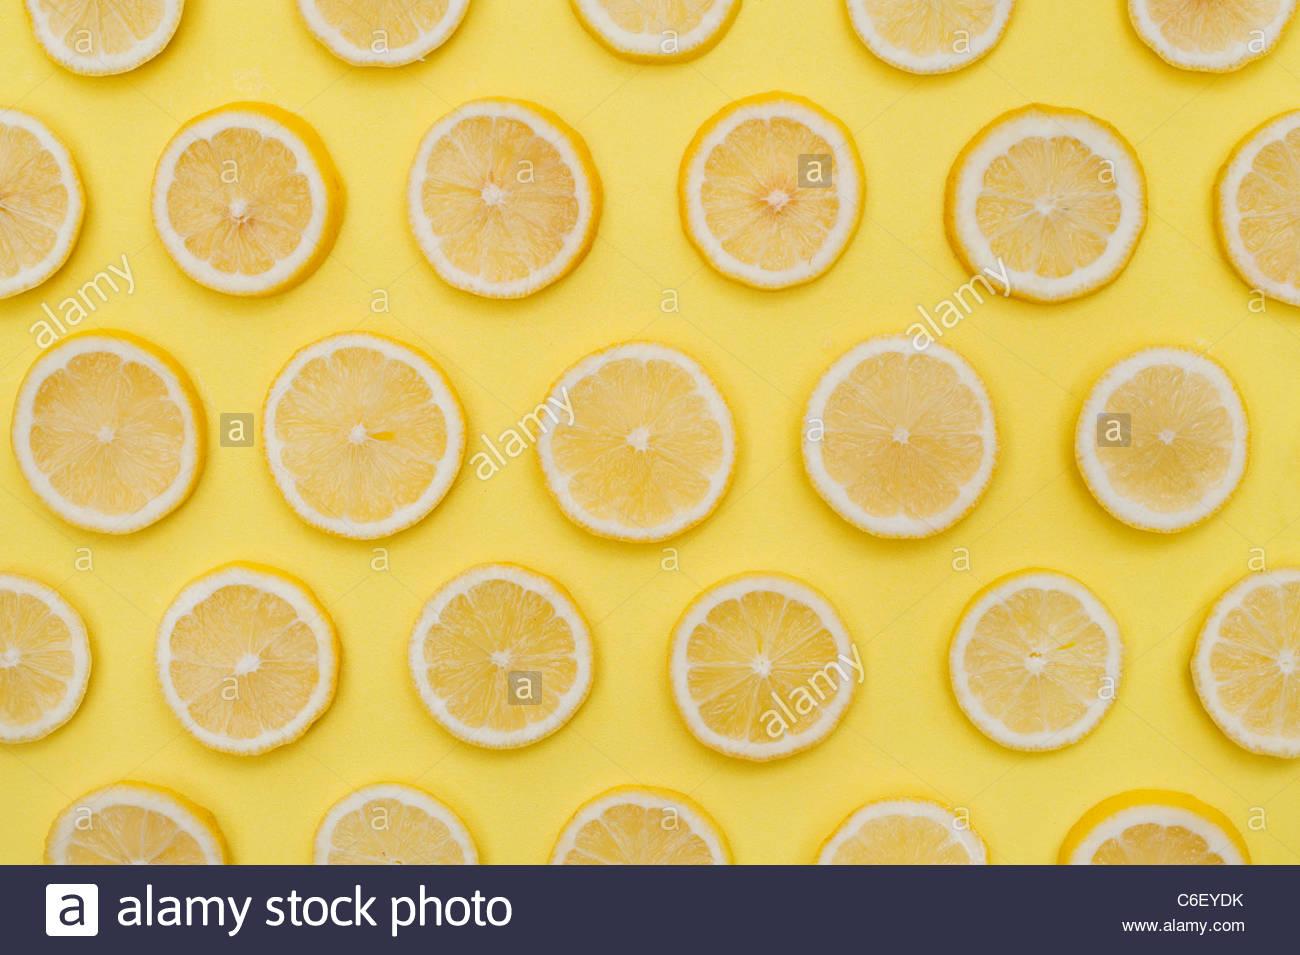 Citrus x Limon. Zitronenscheiben Frucht auf gelbem Hintergrund. Essen-Muster Stockbild